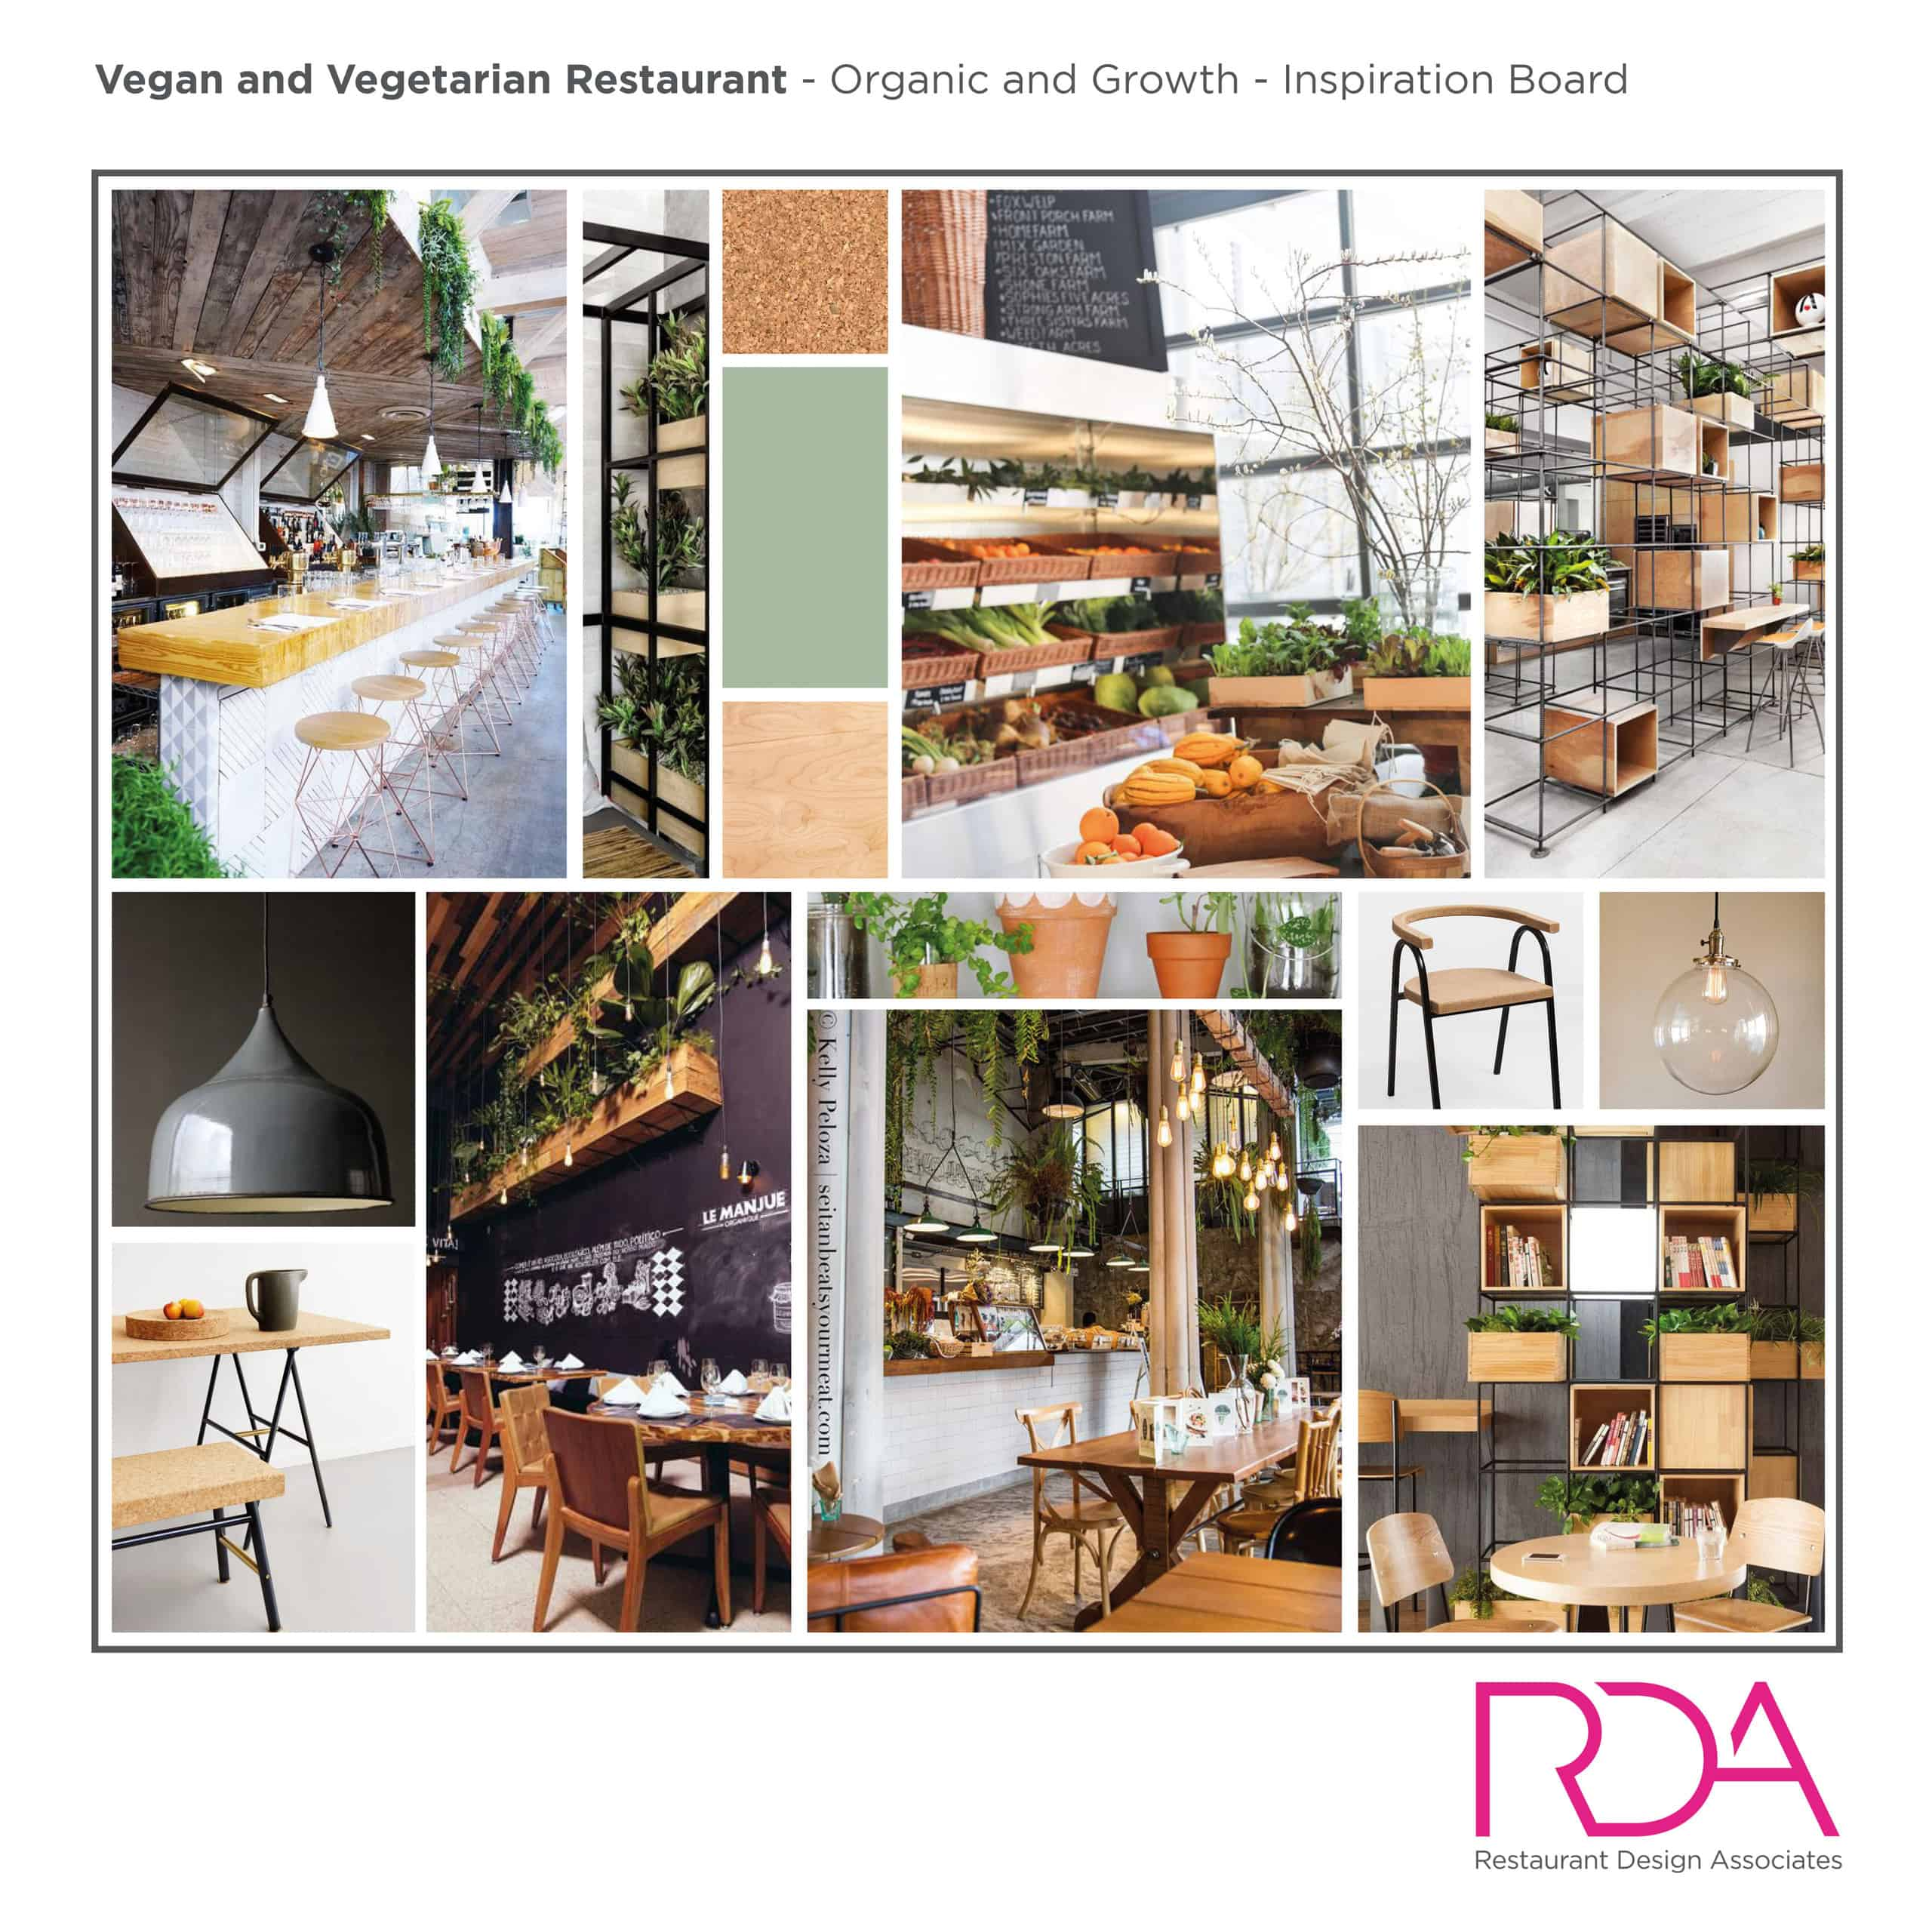 Popularity of Vegan and Organic Restaurant Design